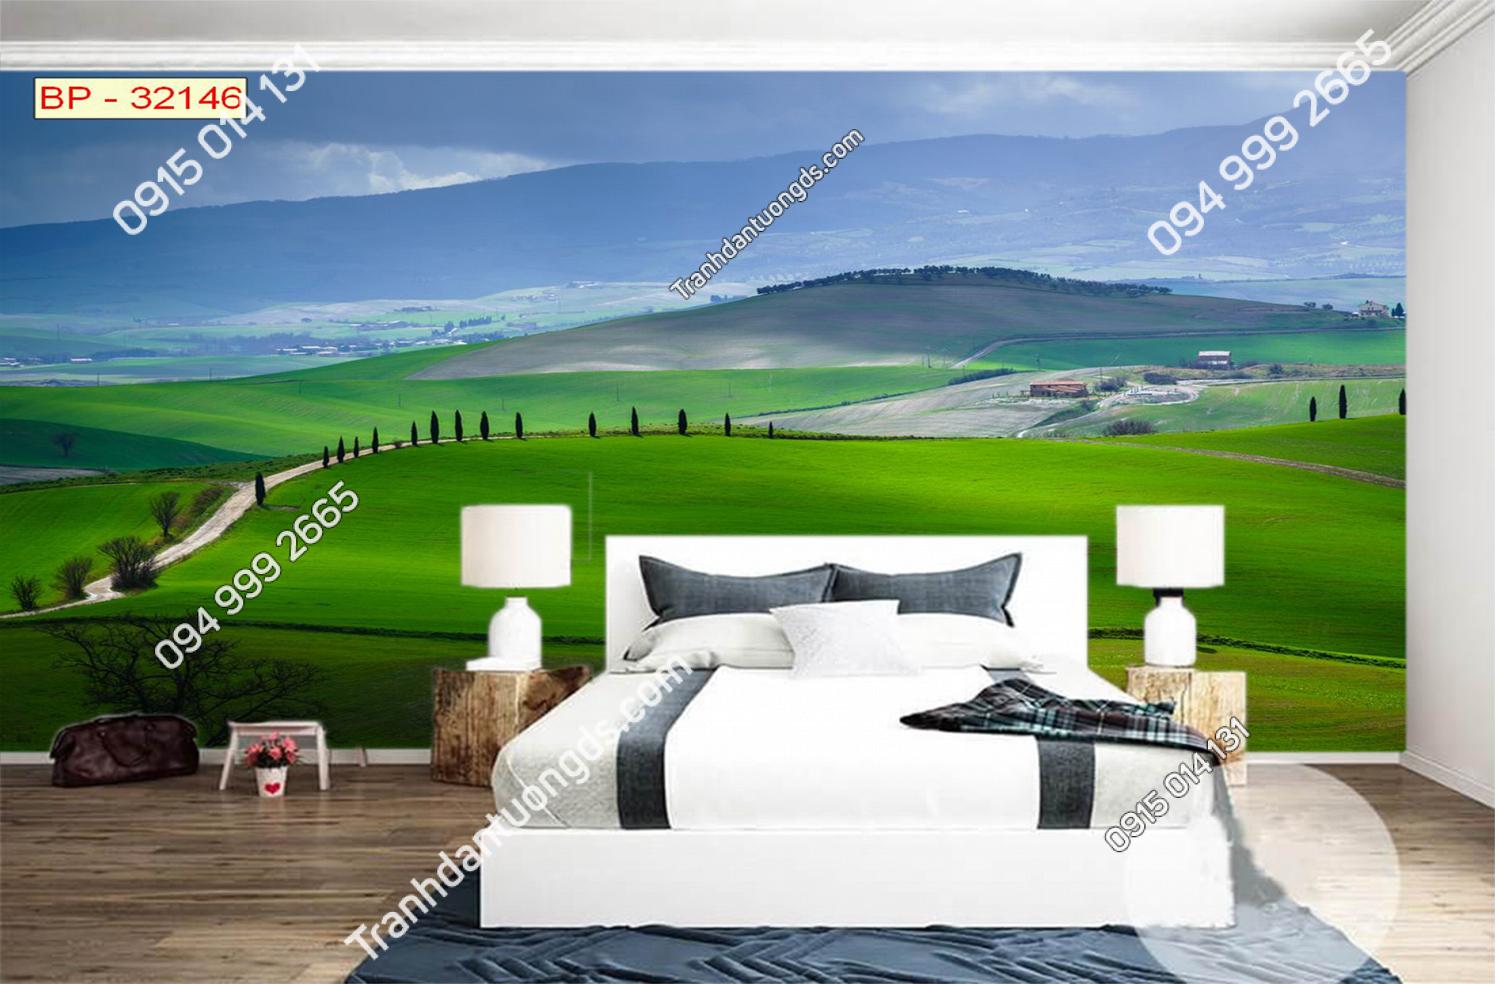 Tranh dán đồi cỏ xanh mướt 32146